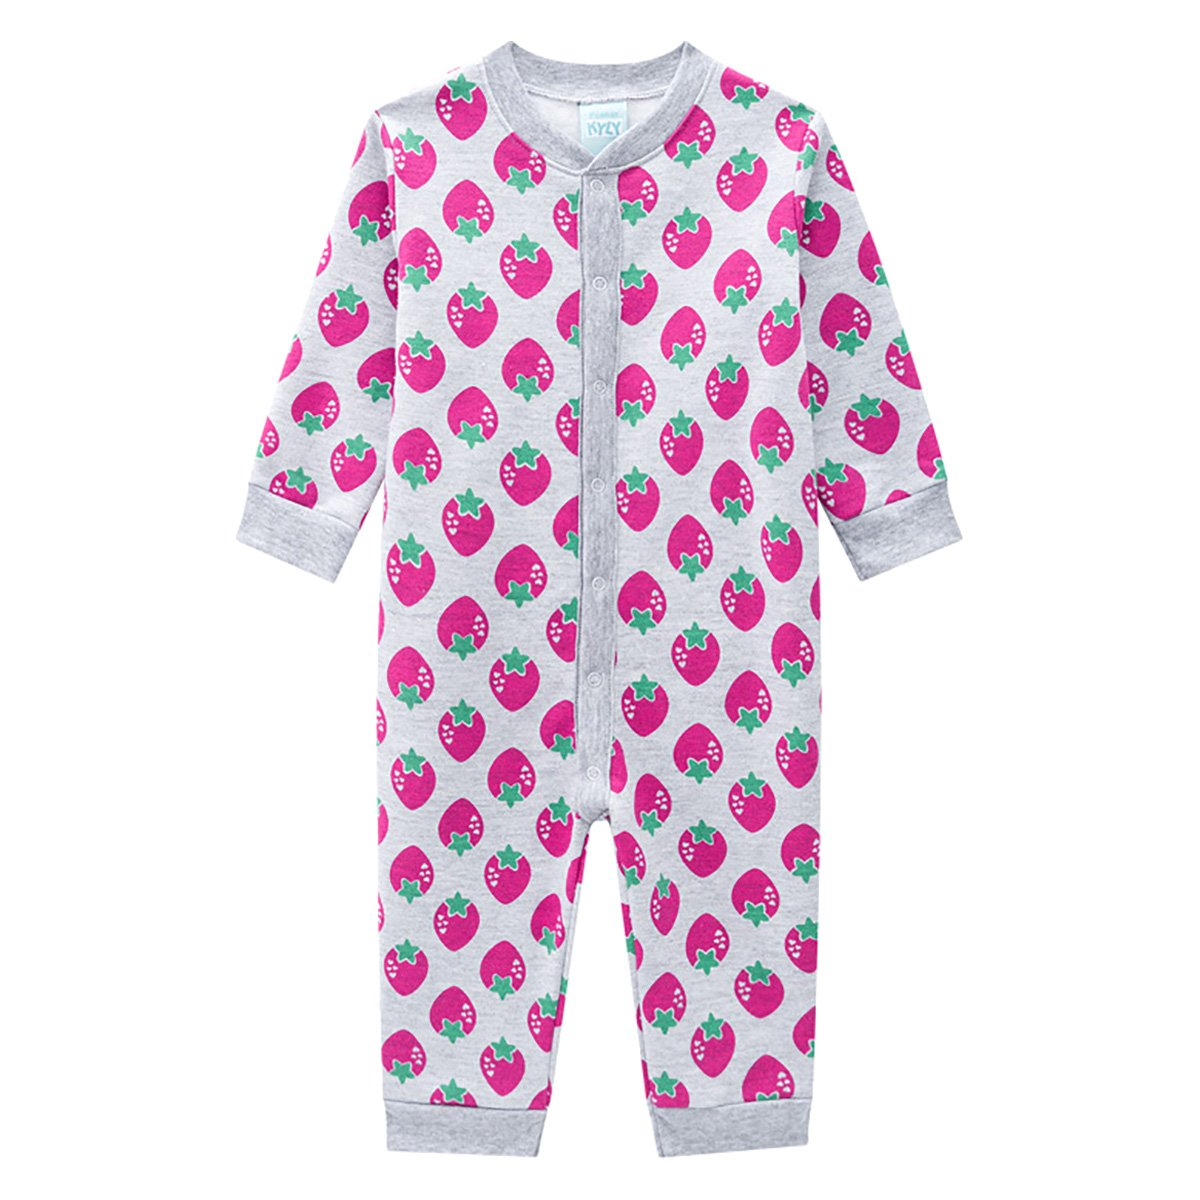 Pijama Macacão Bebê Kyly Moranguinhos Feminino